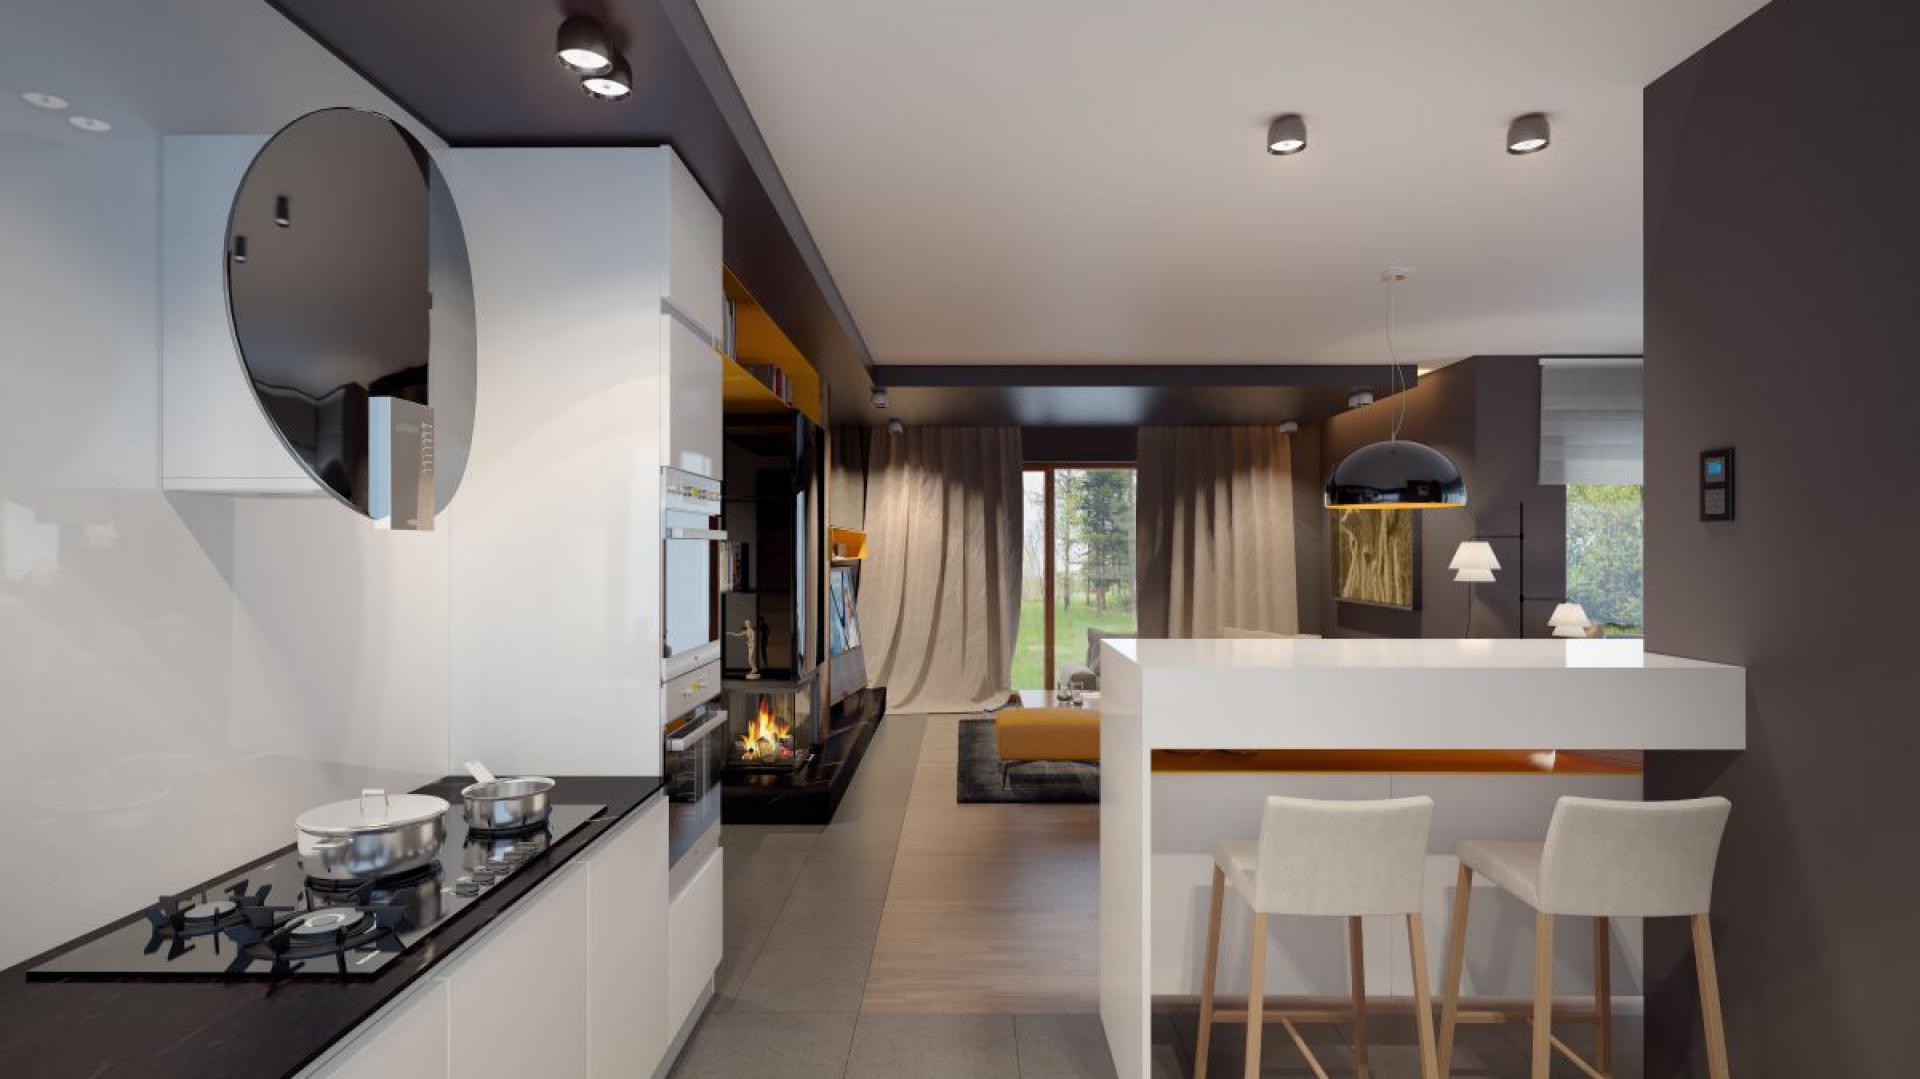 W kuchni króluje biała zabudowa meblowa na wysoki połysk. Bar, który odseparowuje kuchnię od salonu i jadalni jest też miejscem na praktyczny kącik śniadaniowy. Fot. Archetyp